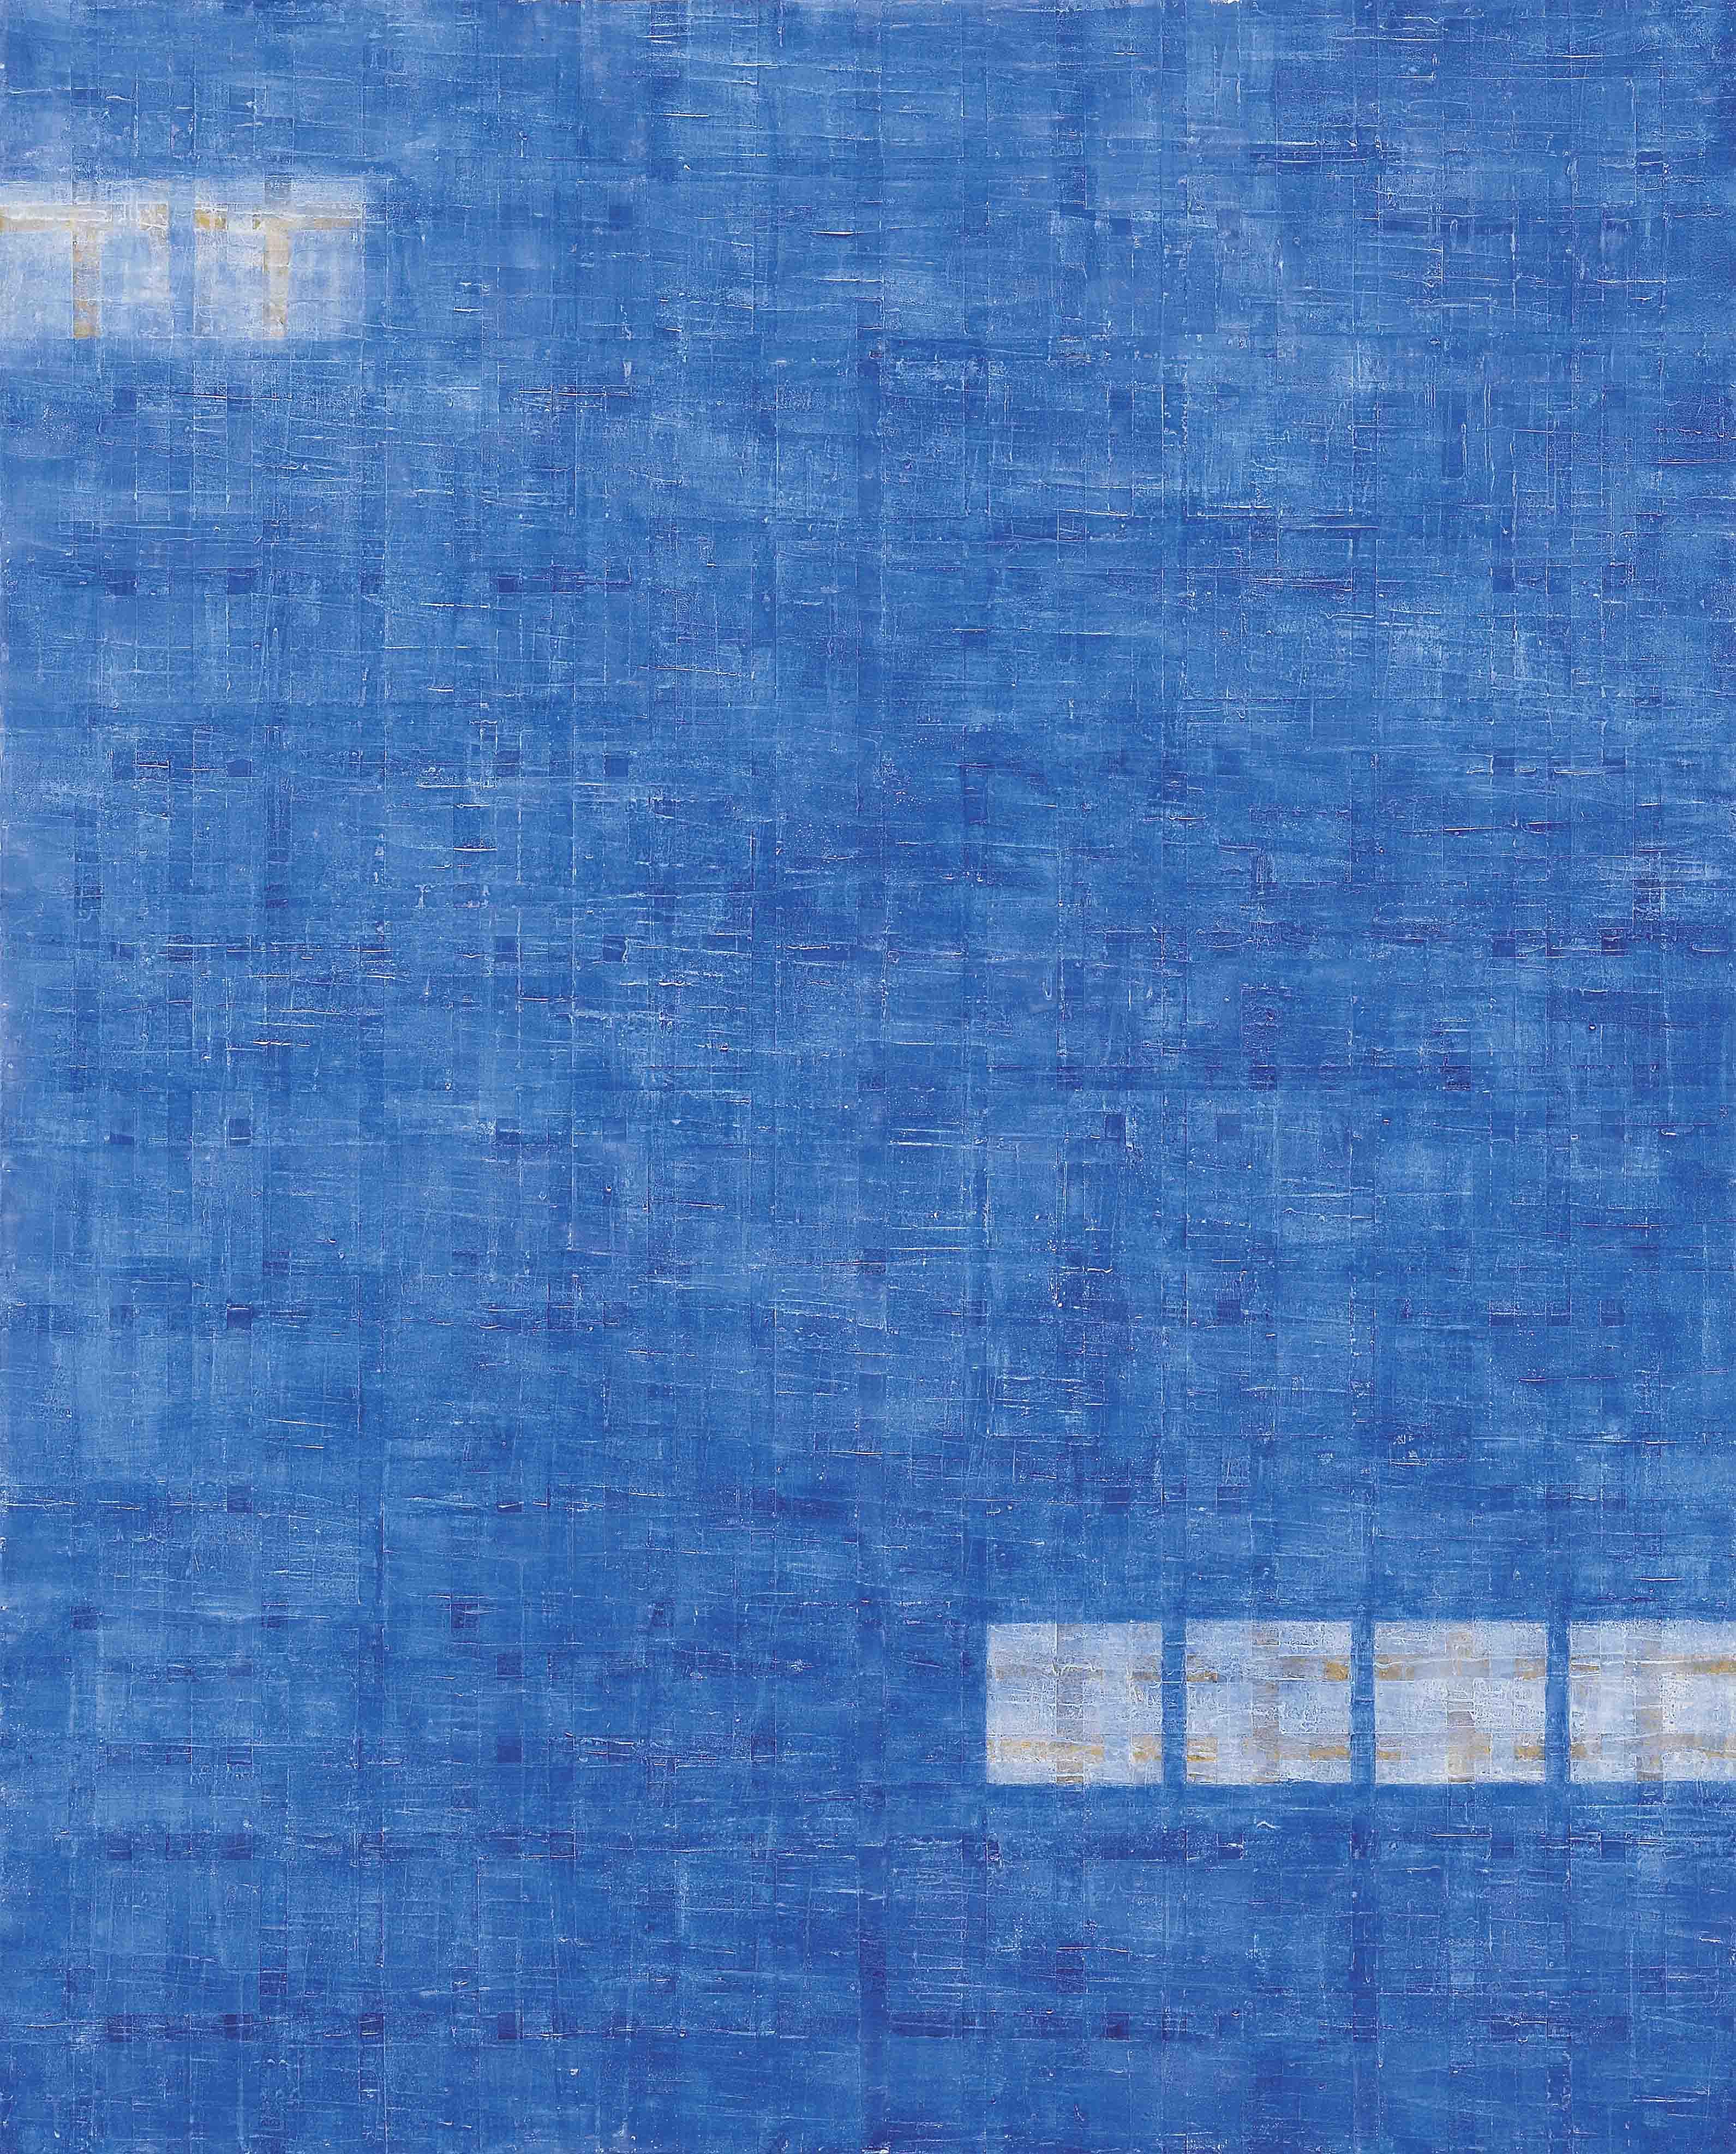 결-새벽별 130×162cm  한지,먹, 채색  2008